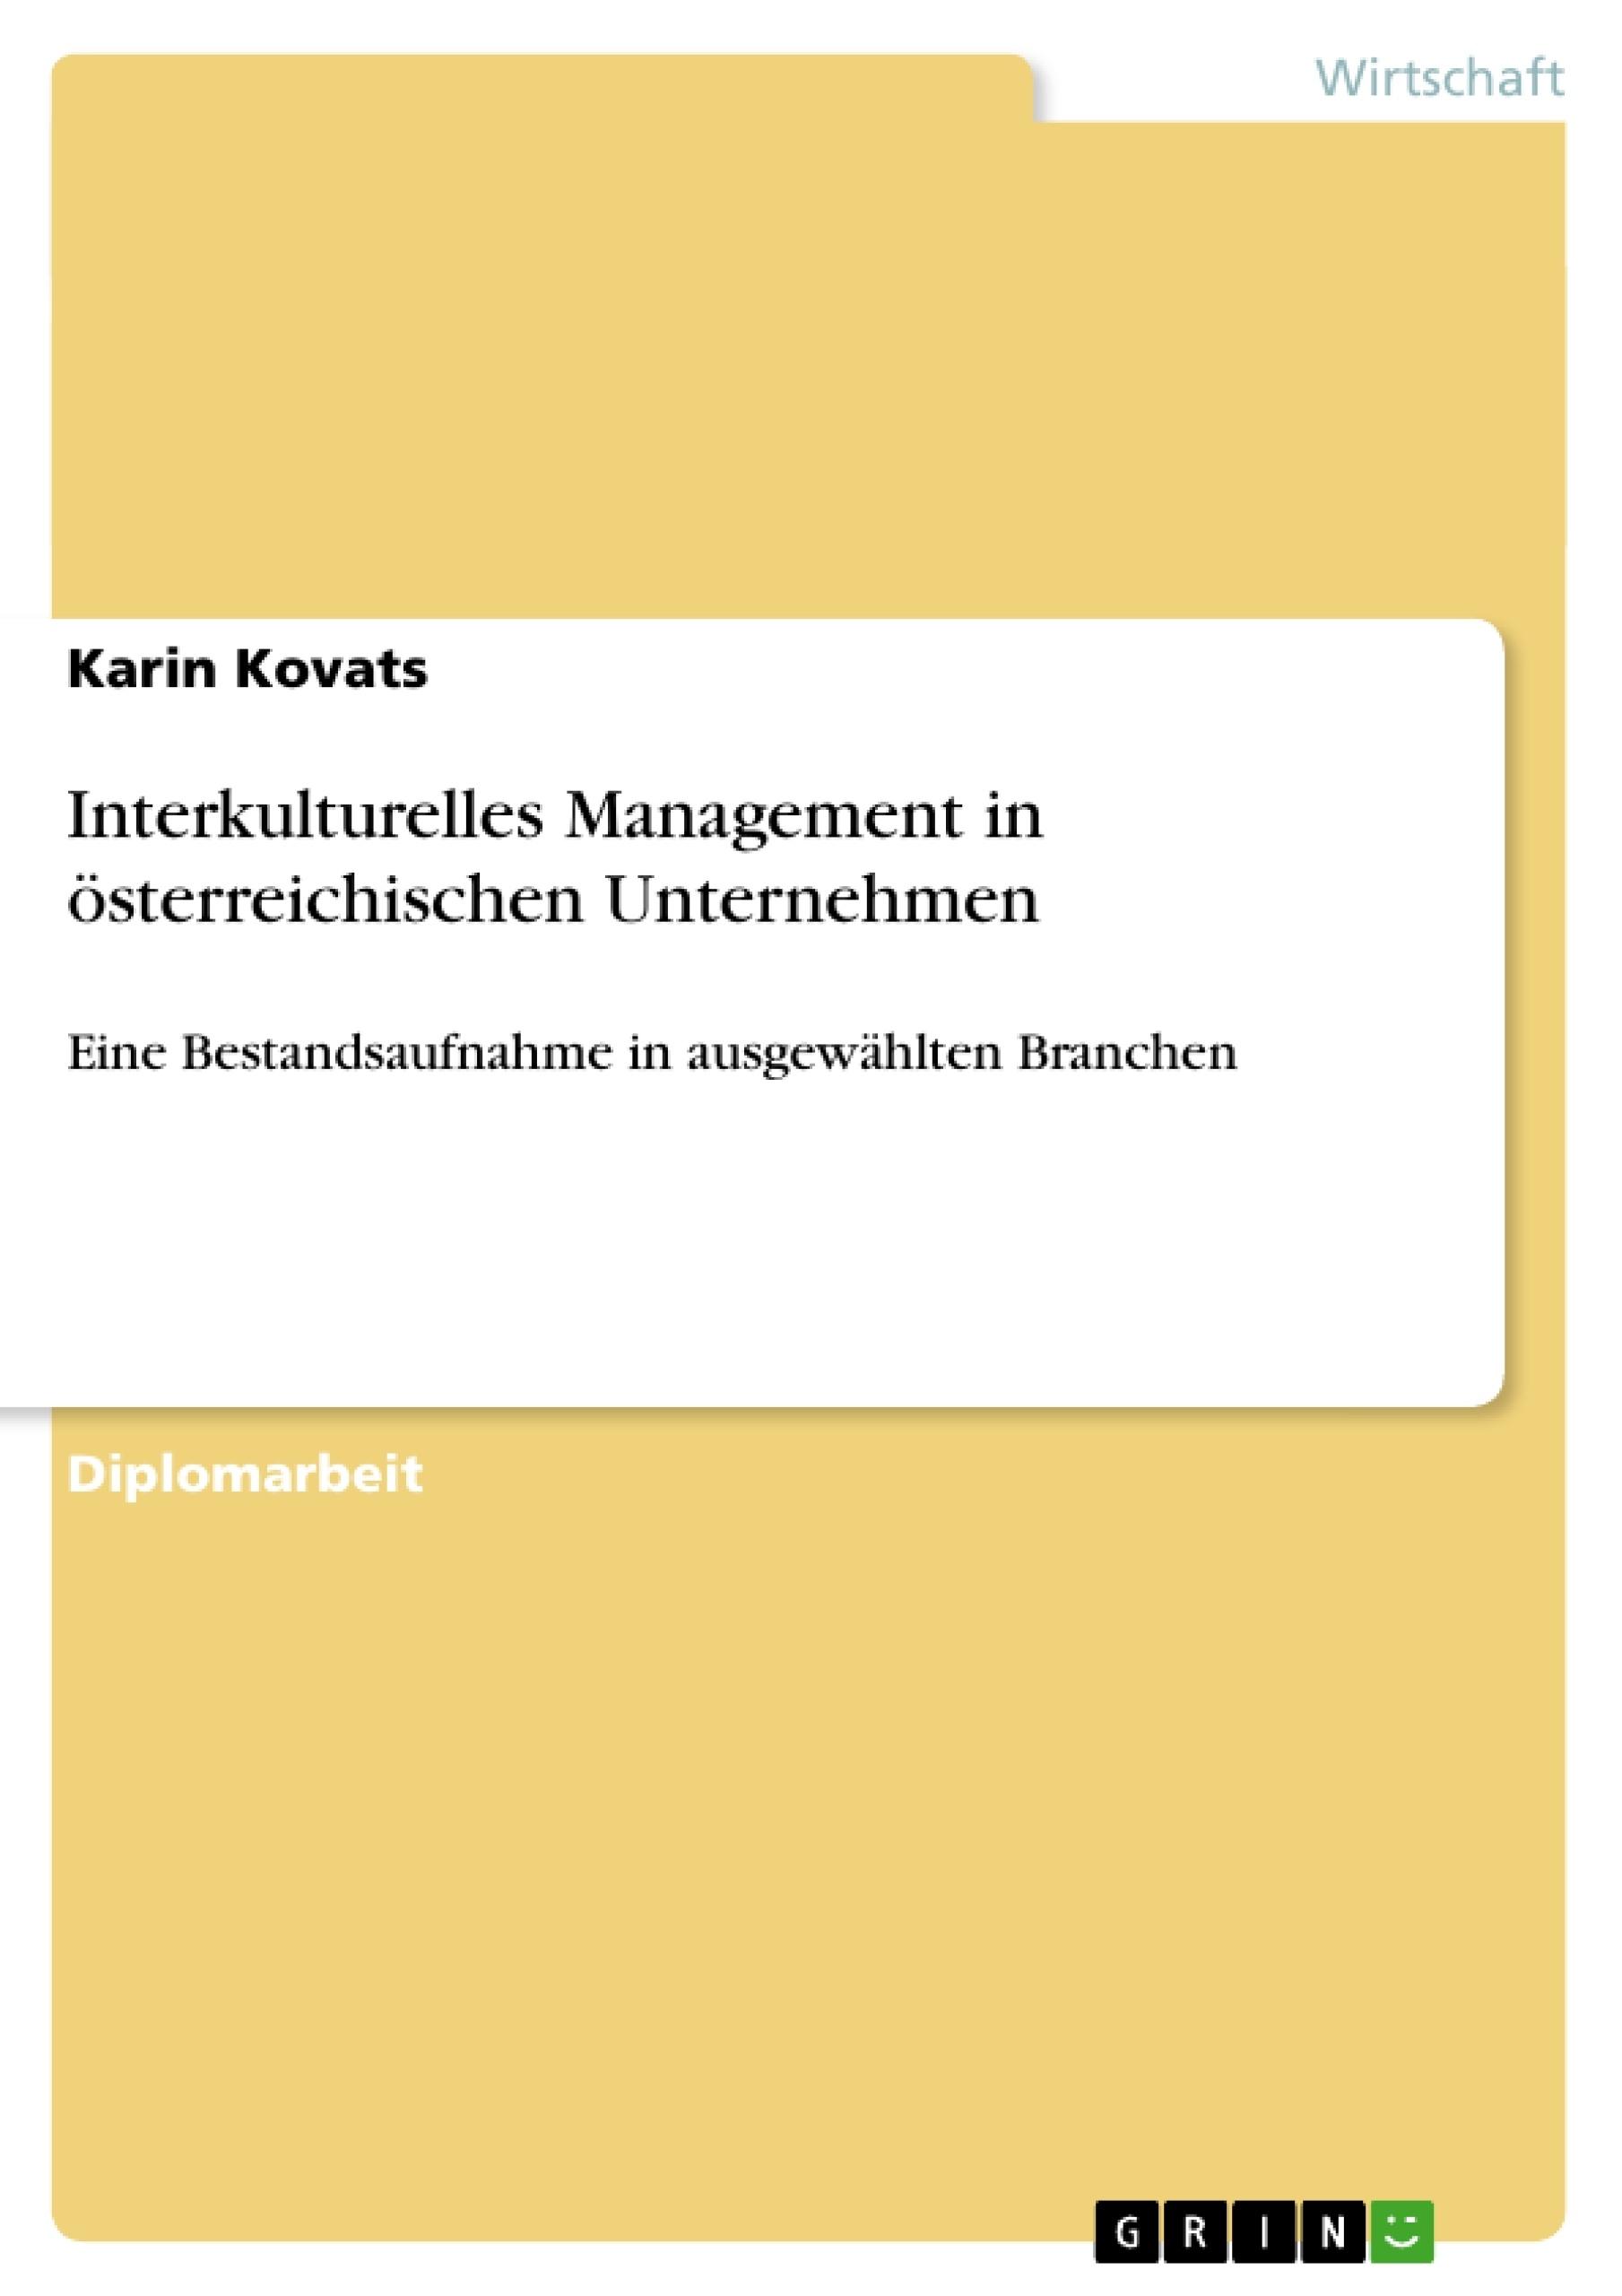 Titel: Interkulturelles Management in österreichischen Unternehmen